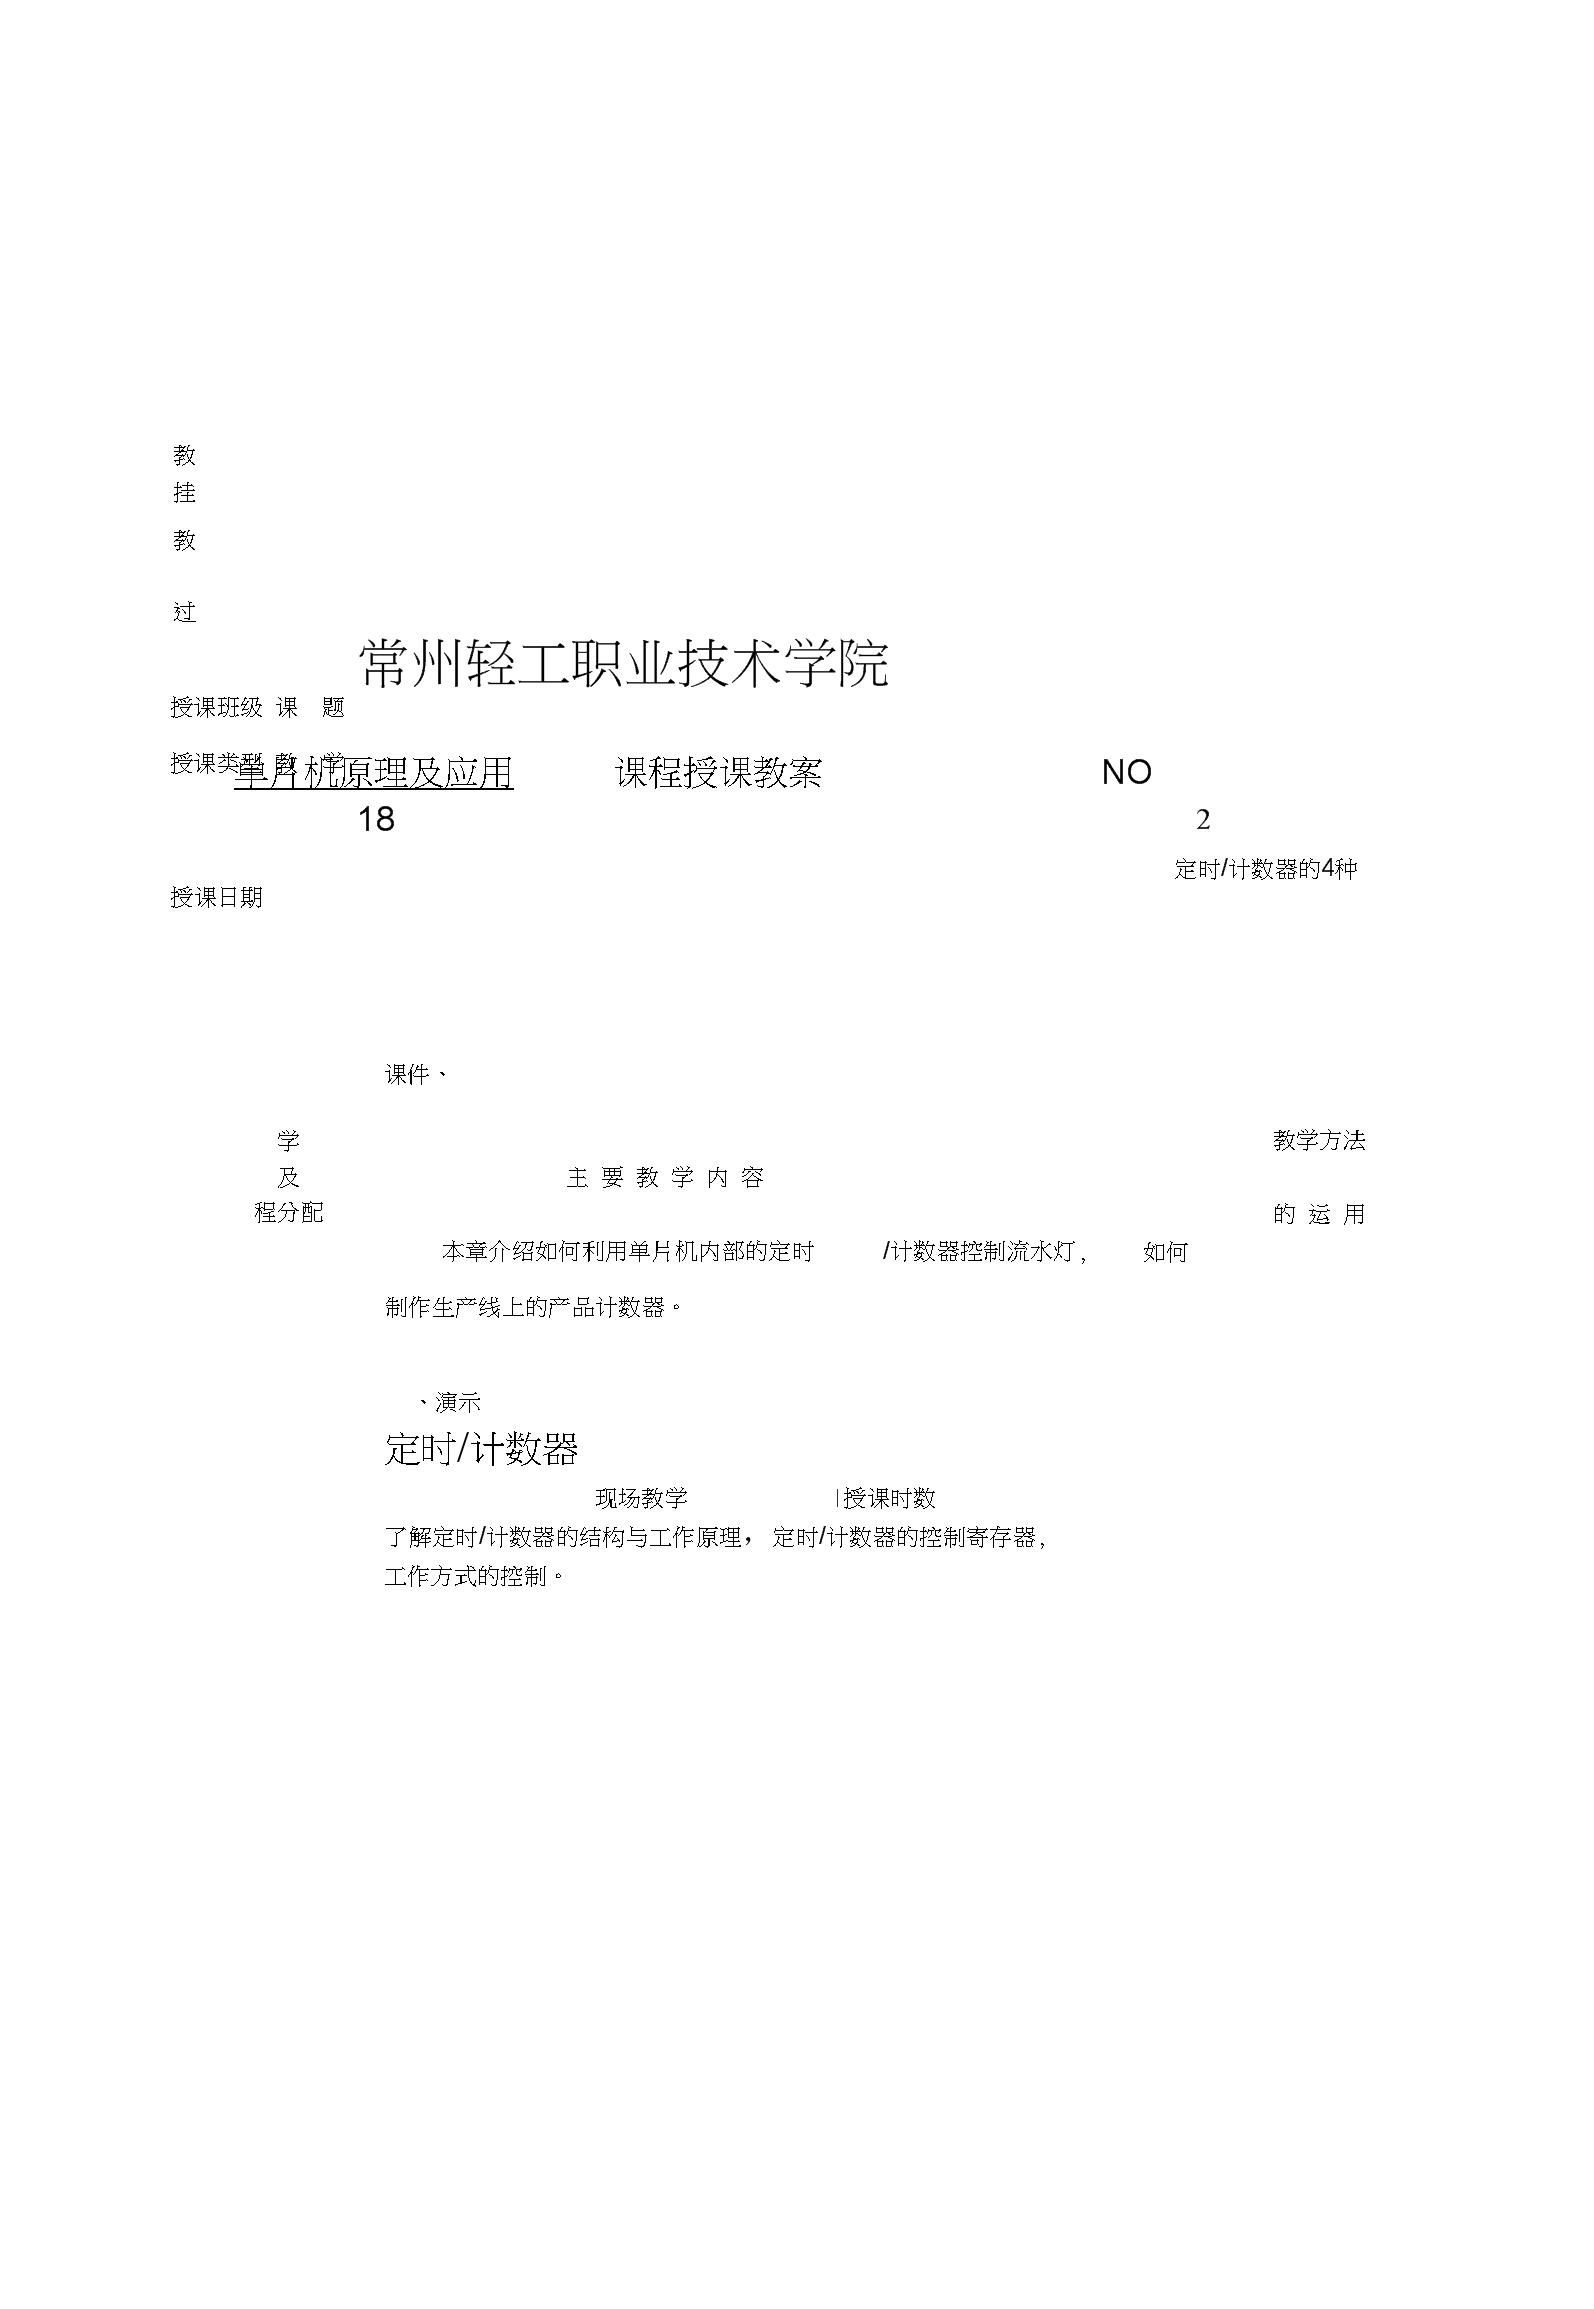 单片机教案7教学教材.docx